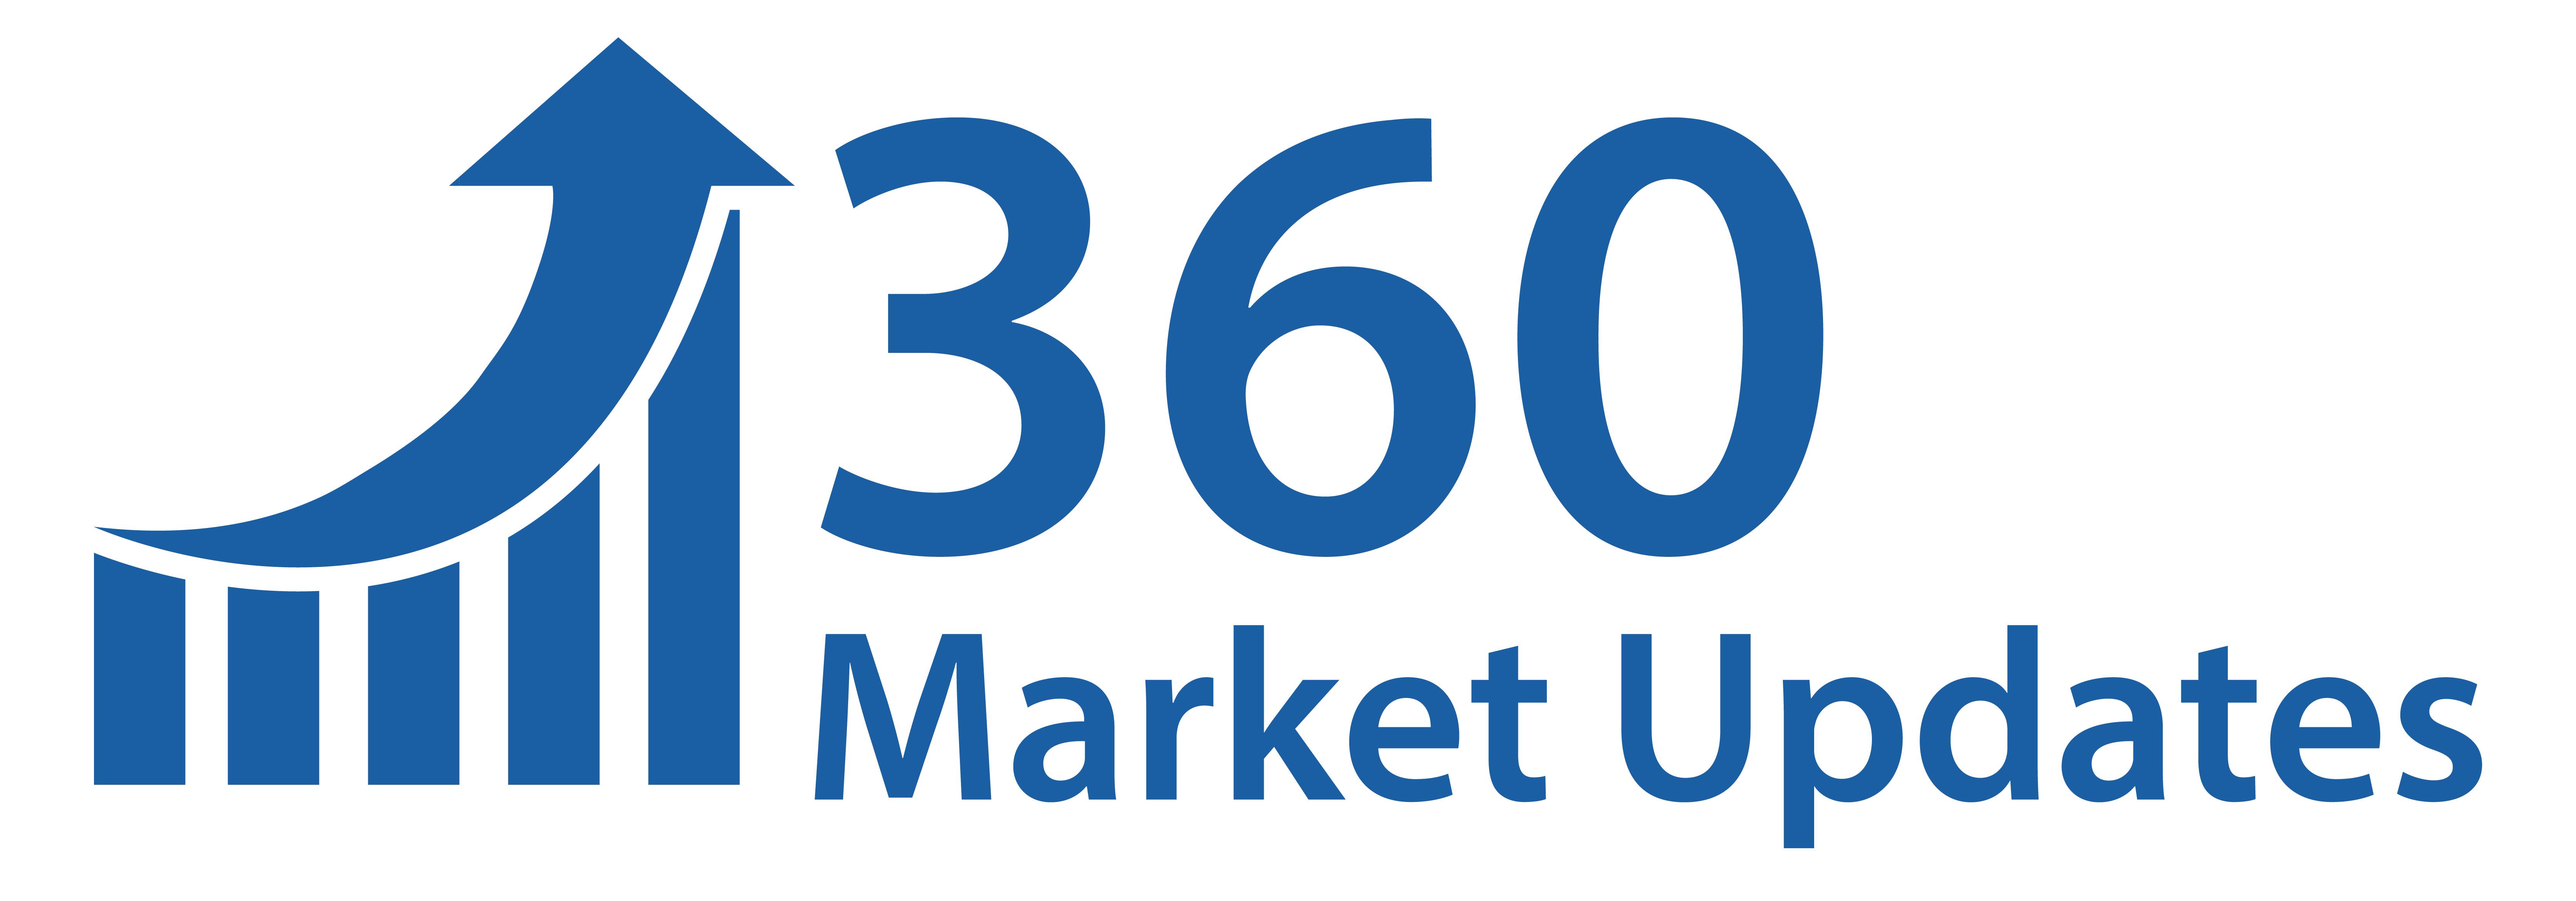 Baby Feeding Bottles Market 2020 Avec les principaux moteurs, les principales manufactures, les perspectives d'affaires, les tendances et les prévisions 2024